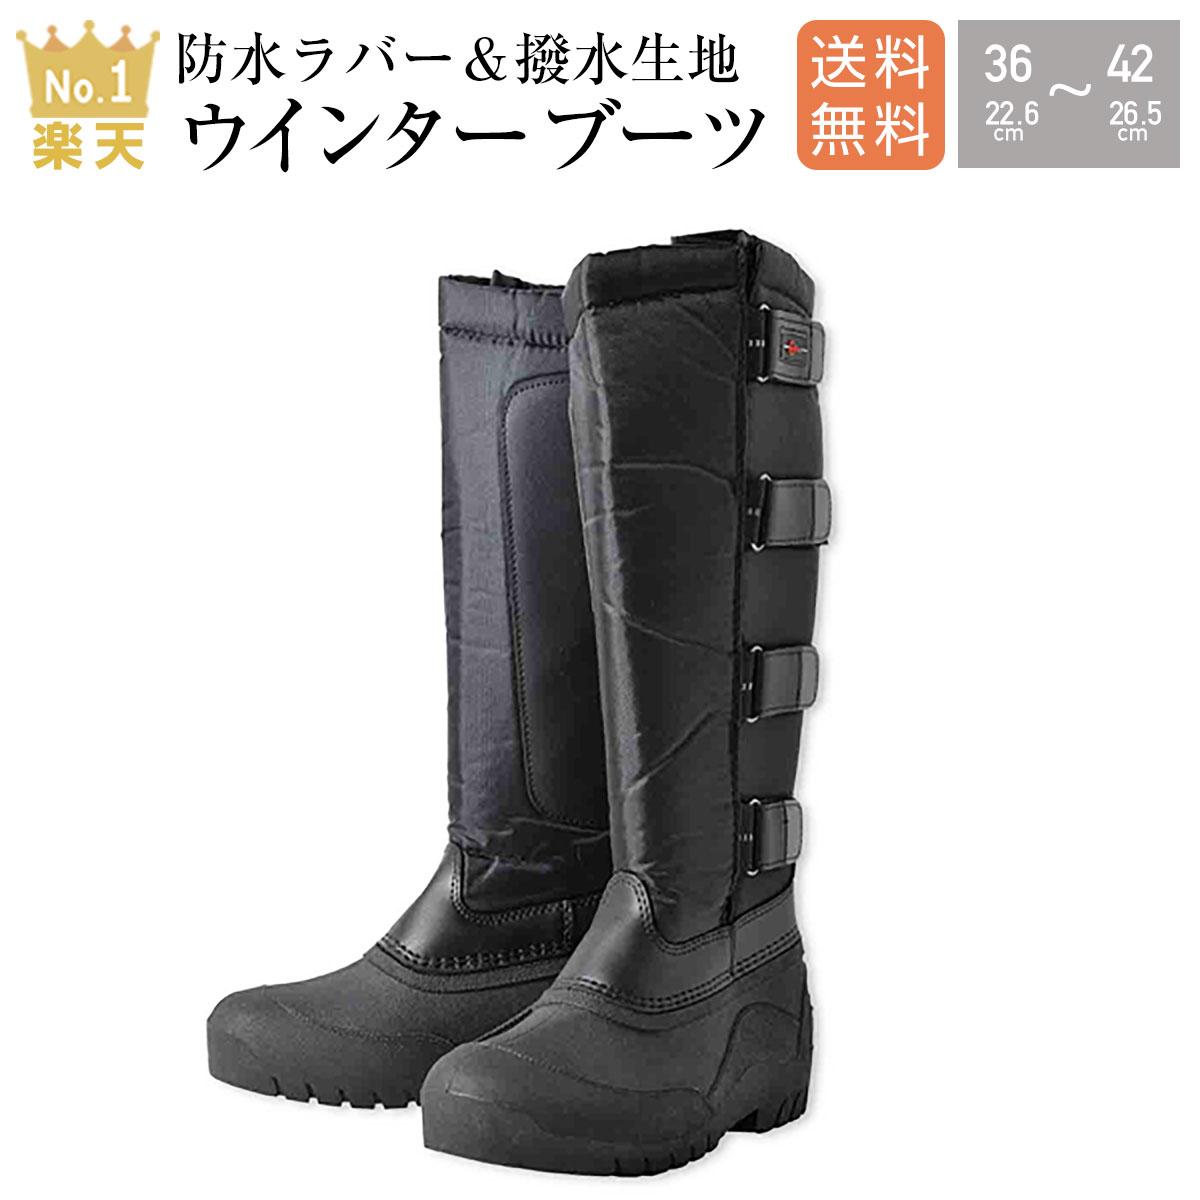 乗馬 ブーツ 乗馬ブーツ 長靴 ロングブーツ Covalliero(カバリエロ) ウインター ミドルブーツ 乗馬用品 馬具